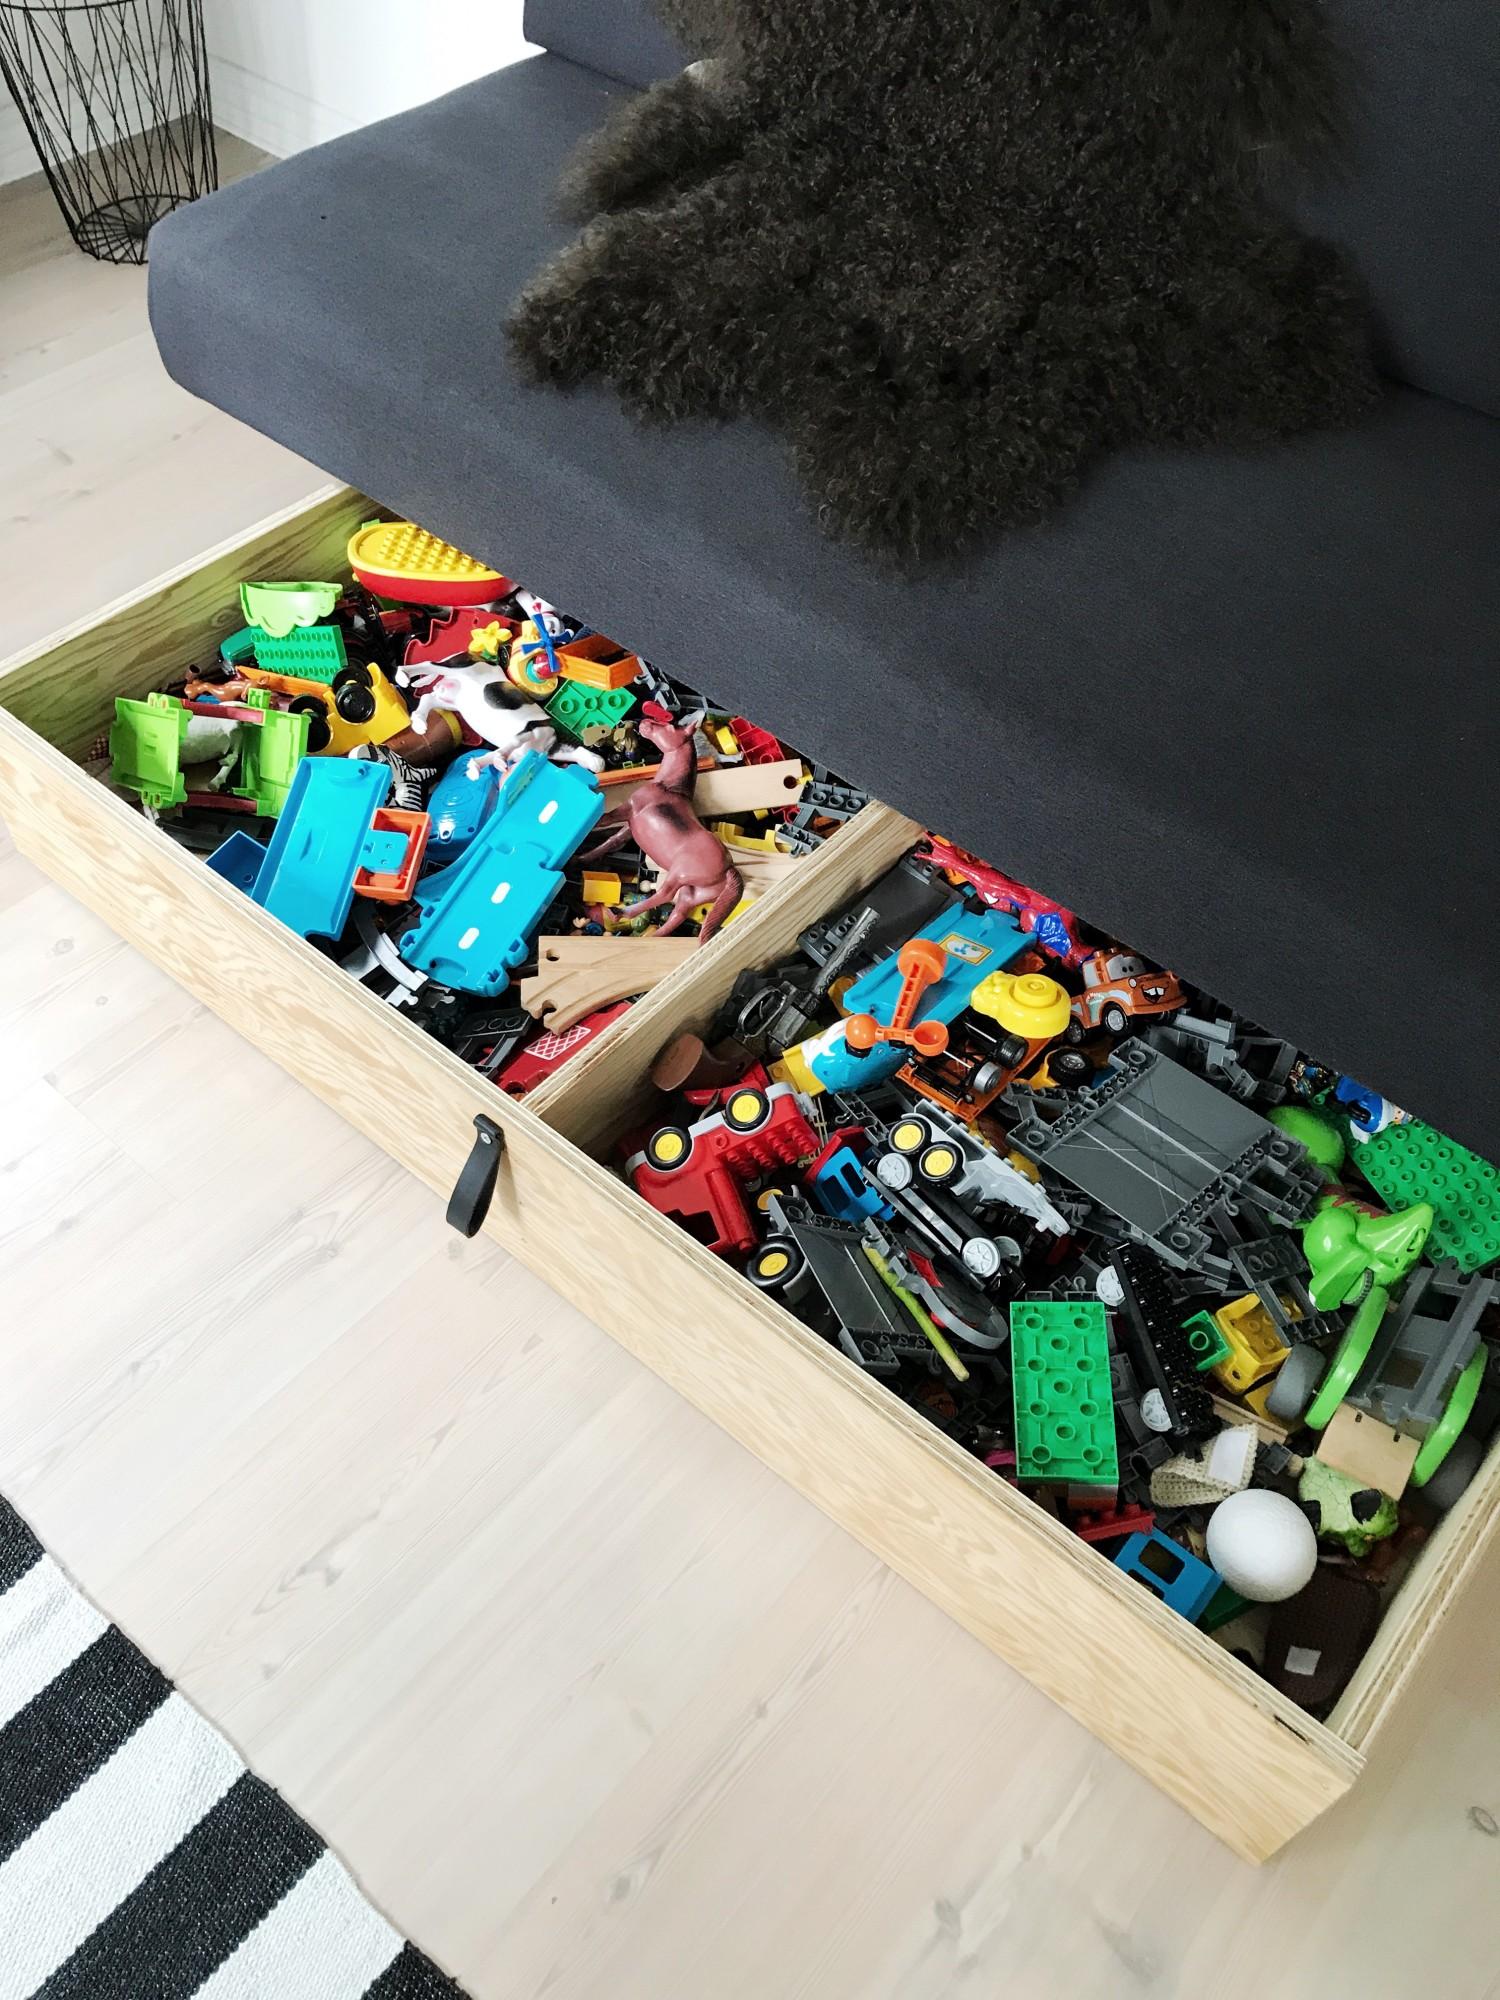 Opbevaringsskuffe på hjul til legetøj under daybed